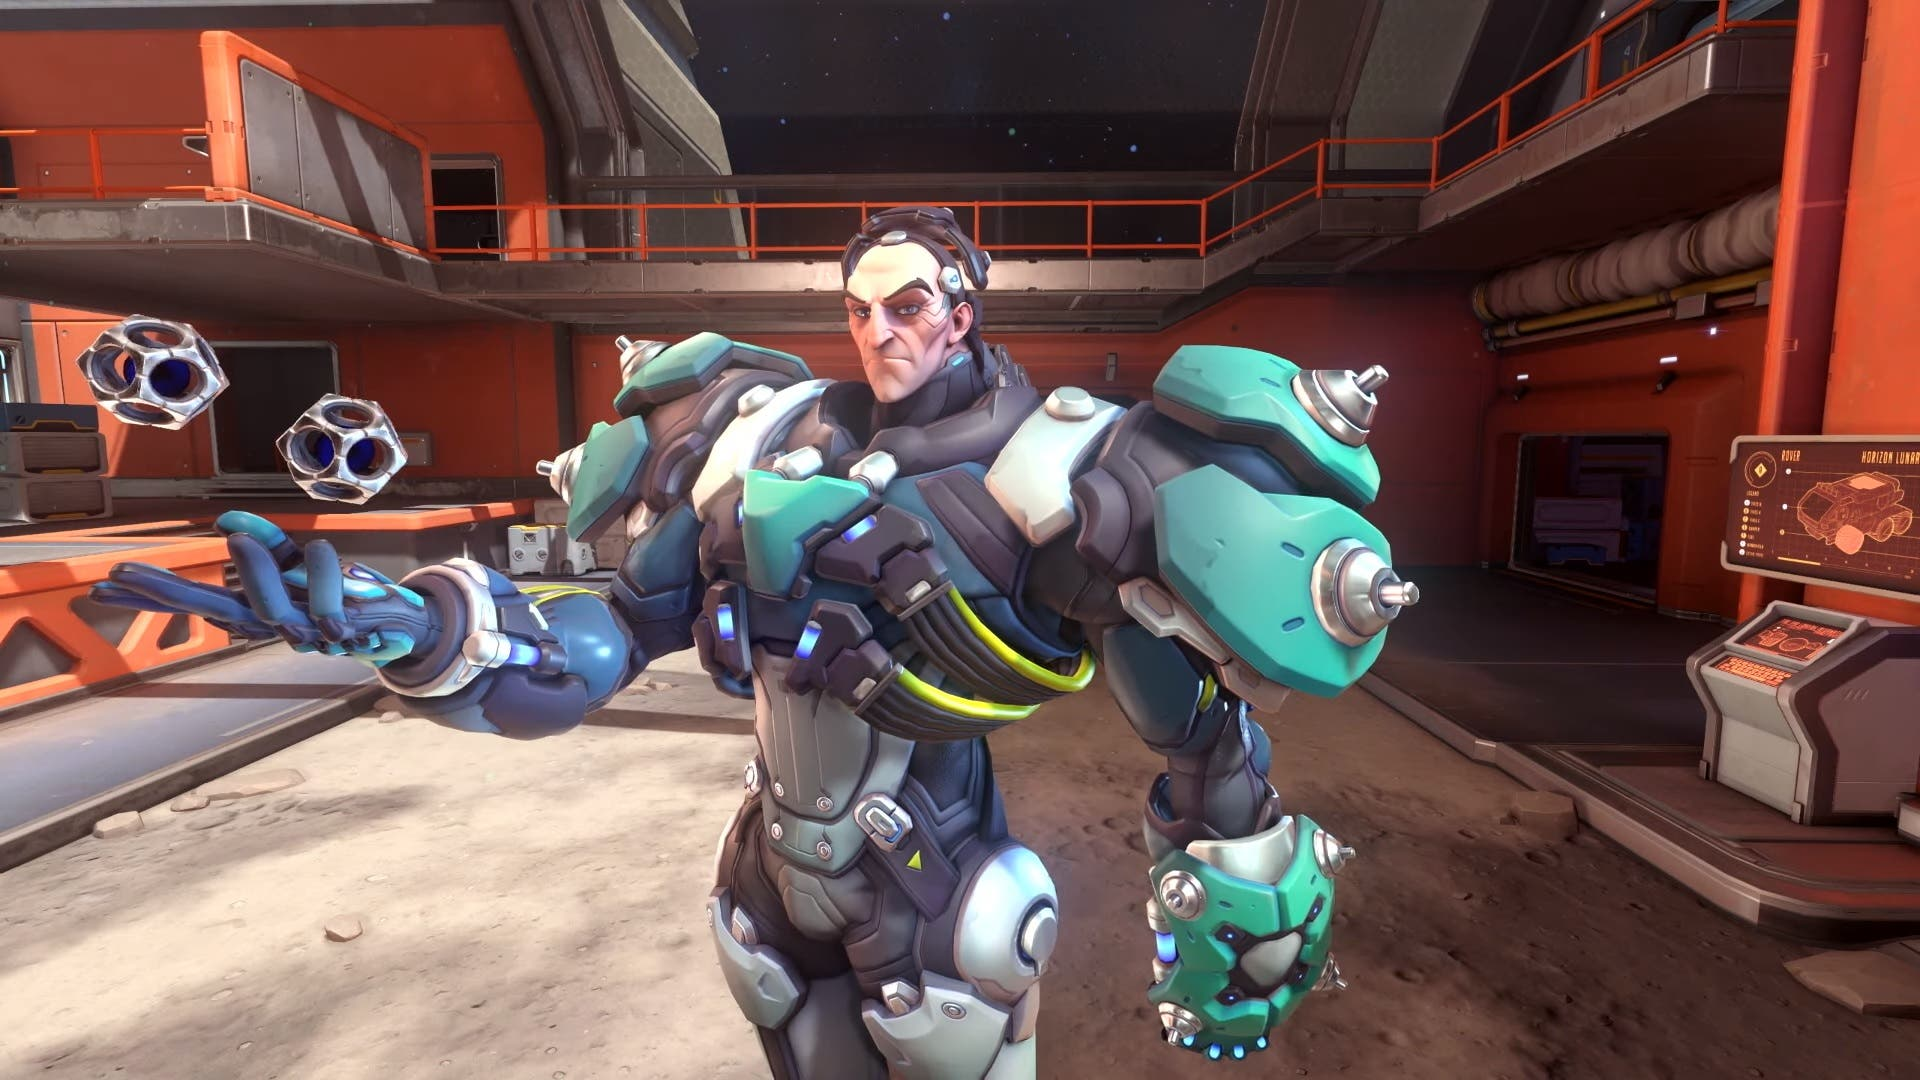 Imagen de Overwatch recibirá, al menos, un héroe más antes del lanzamiento de su secuela